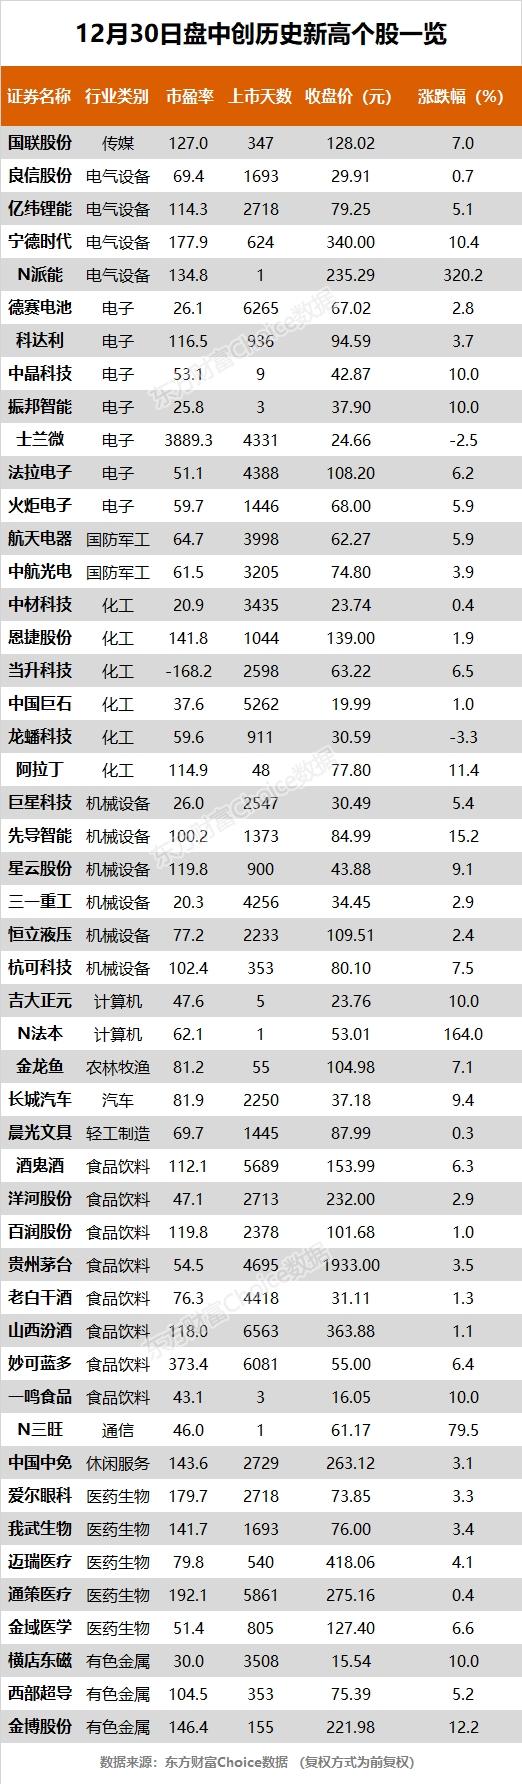 创业板和深成指均创出五年新高,贵州茅台、宁德时报等49只股票创出历史新高